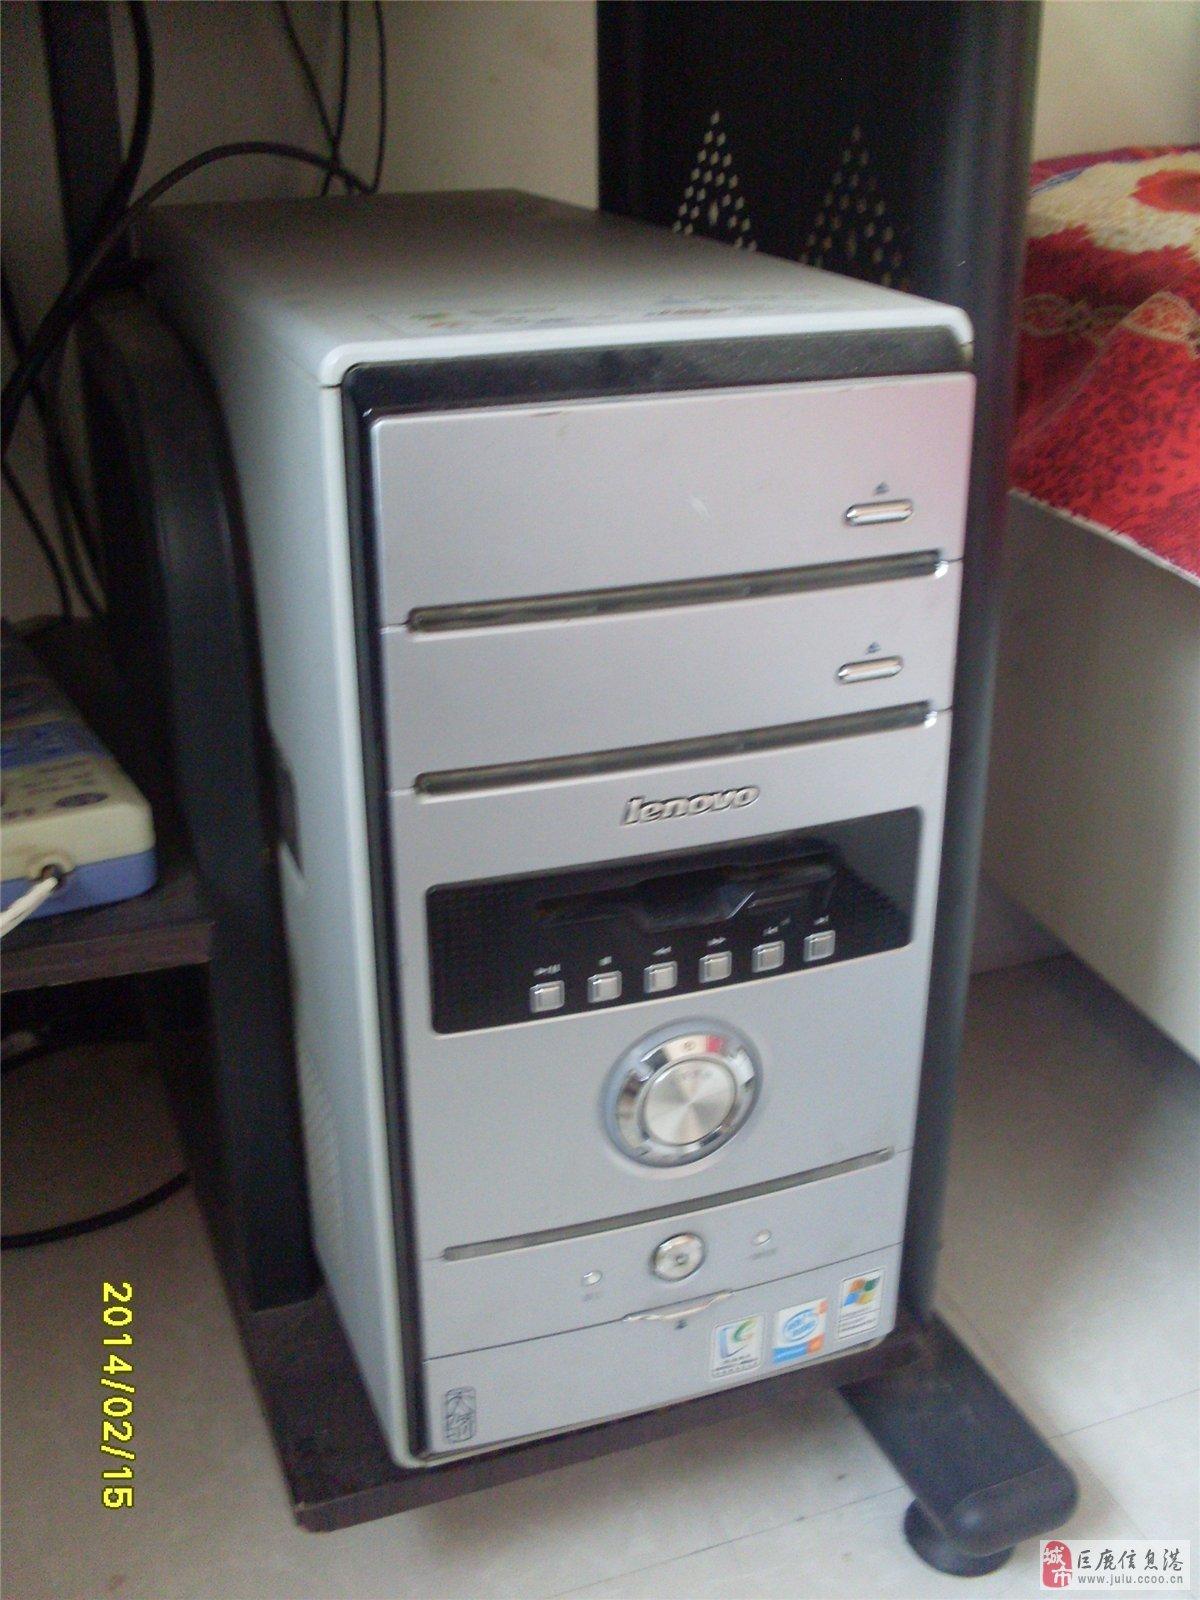 全新联想电脑低价出售